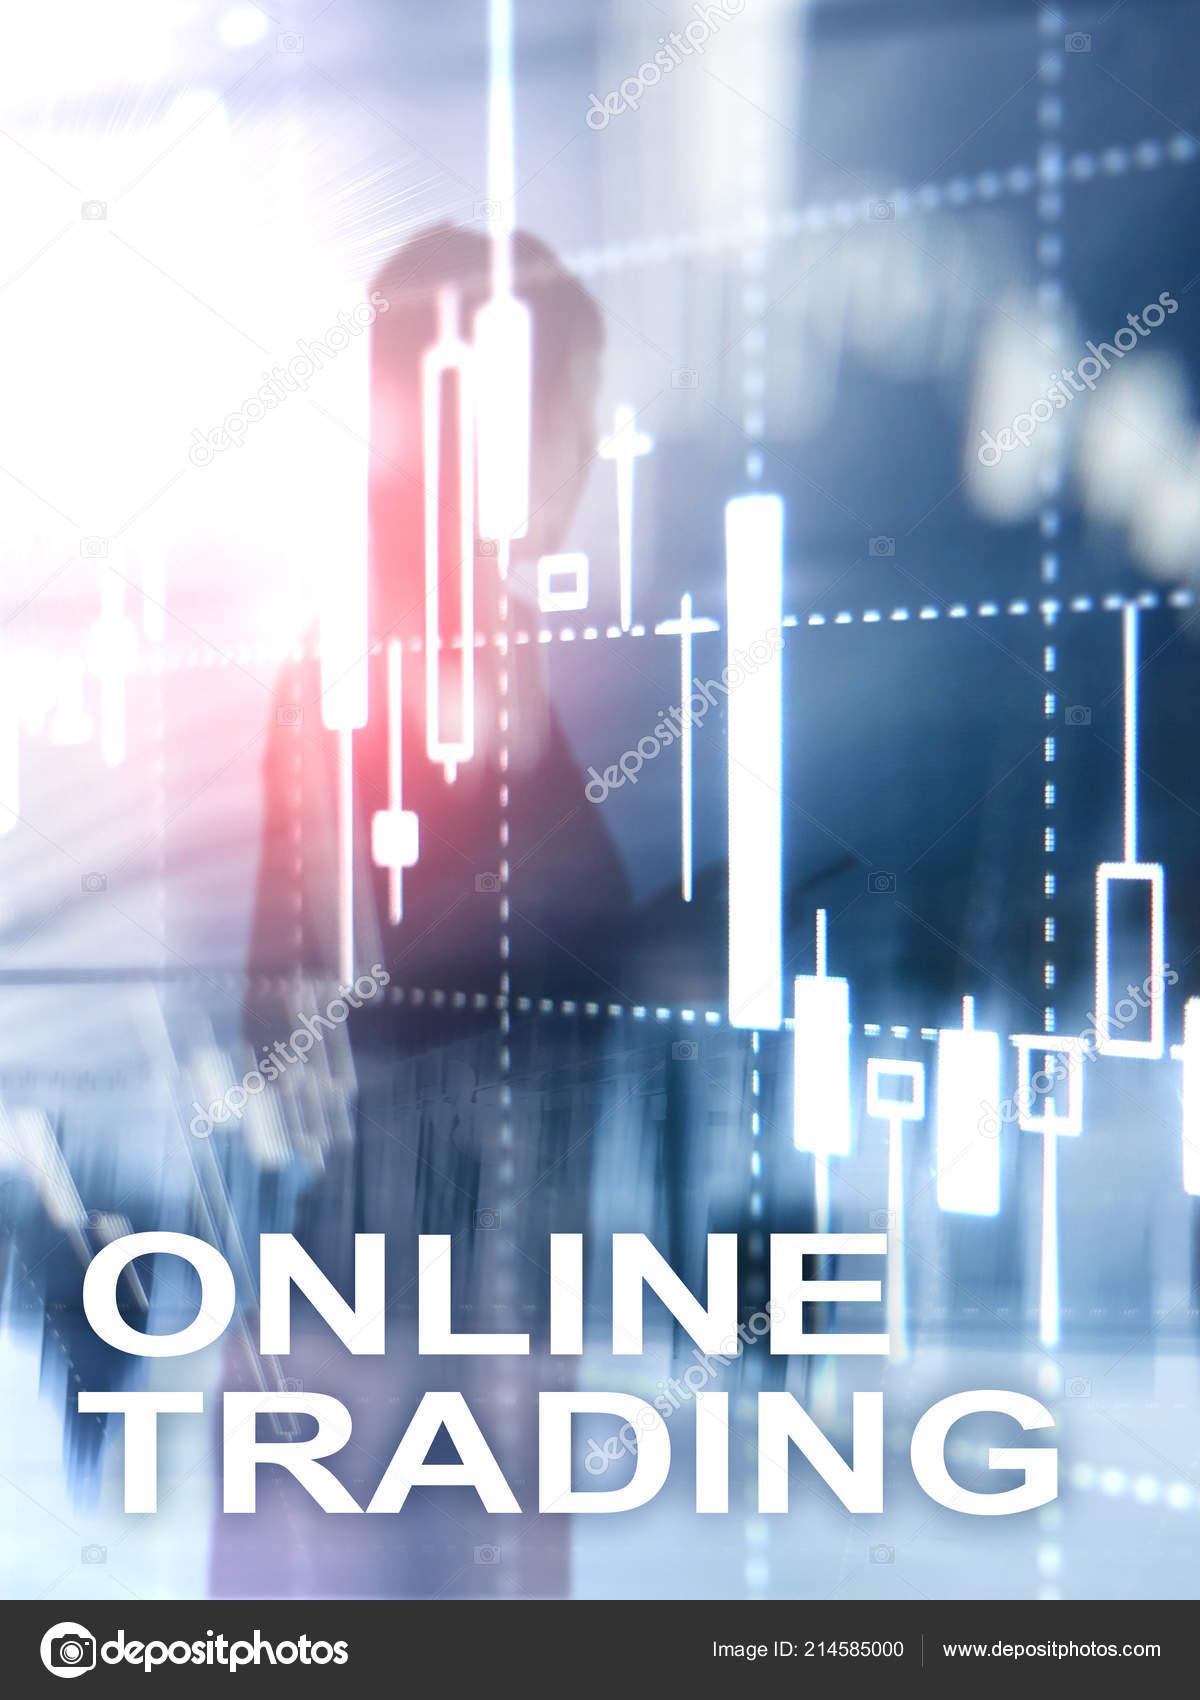 Онлайн торговля форекс работа онлайн с ежедневной оплатой на дому без вложений вакансии отзывы